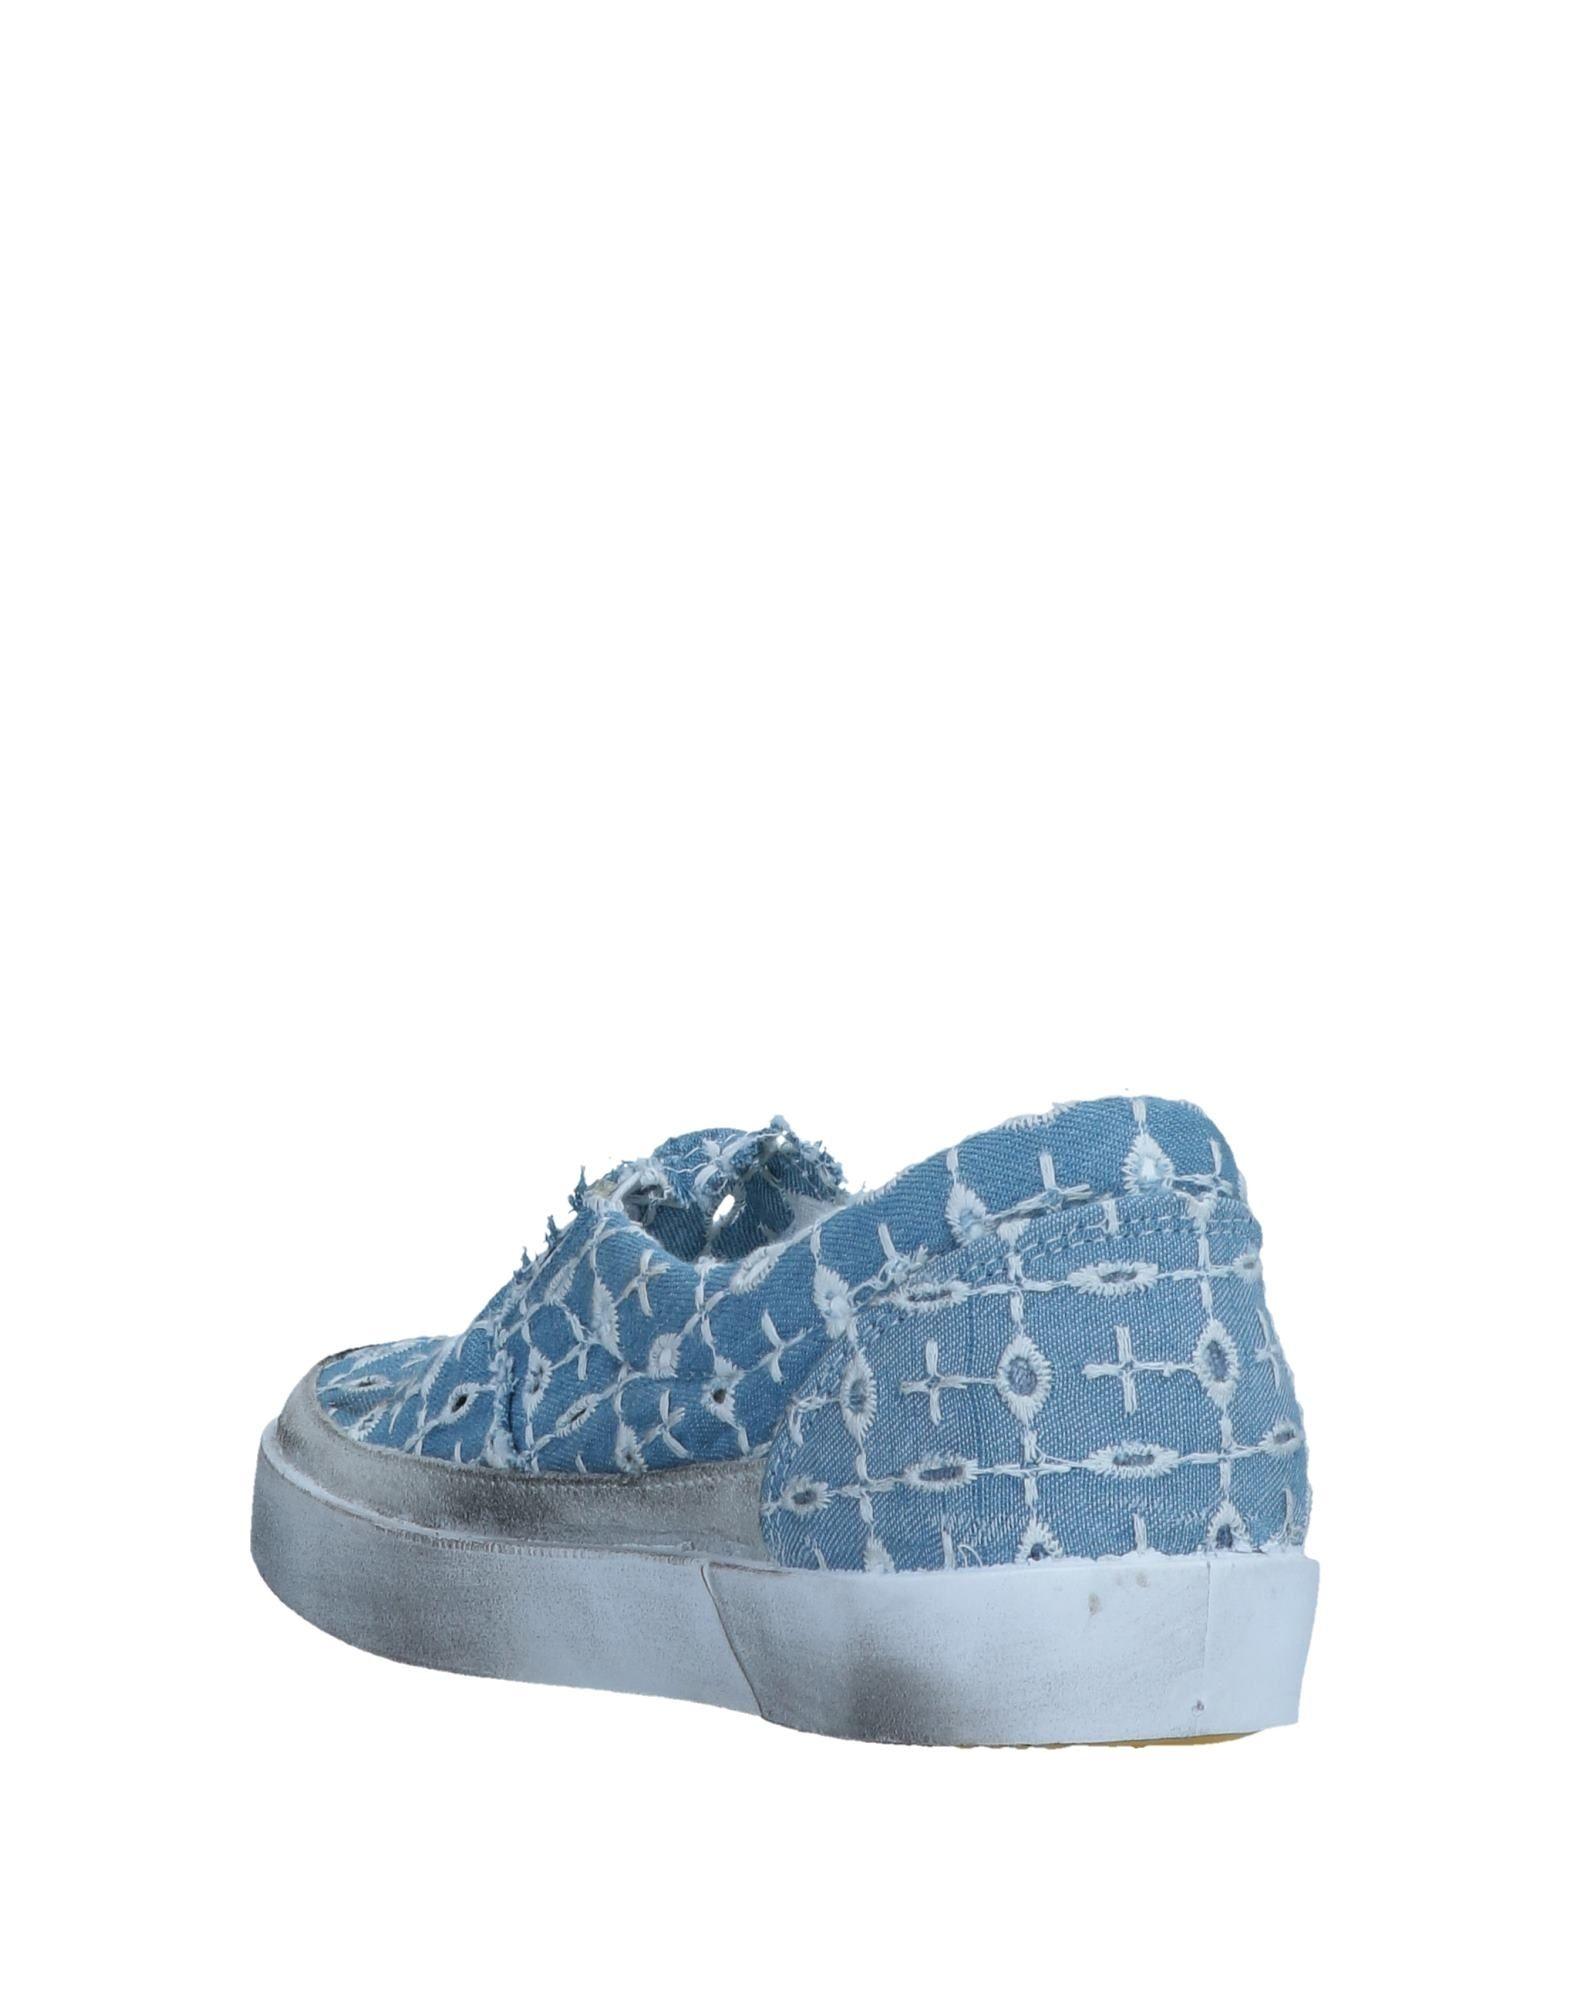 2Star Sneakers Damen Damen Sneakers  11547659EJ  2ace5a